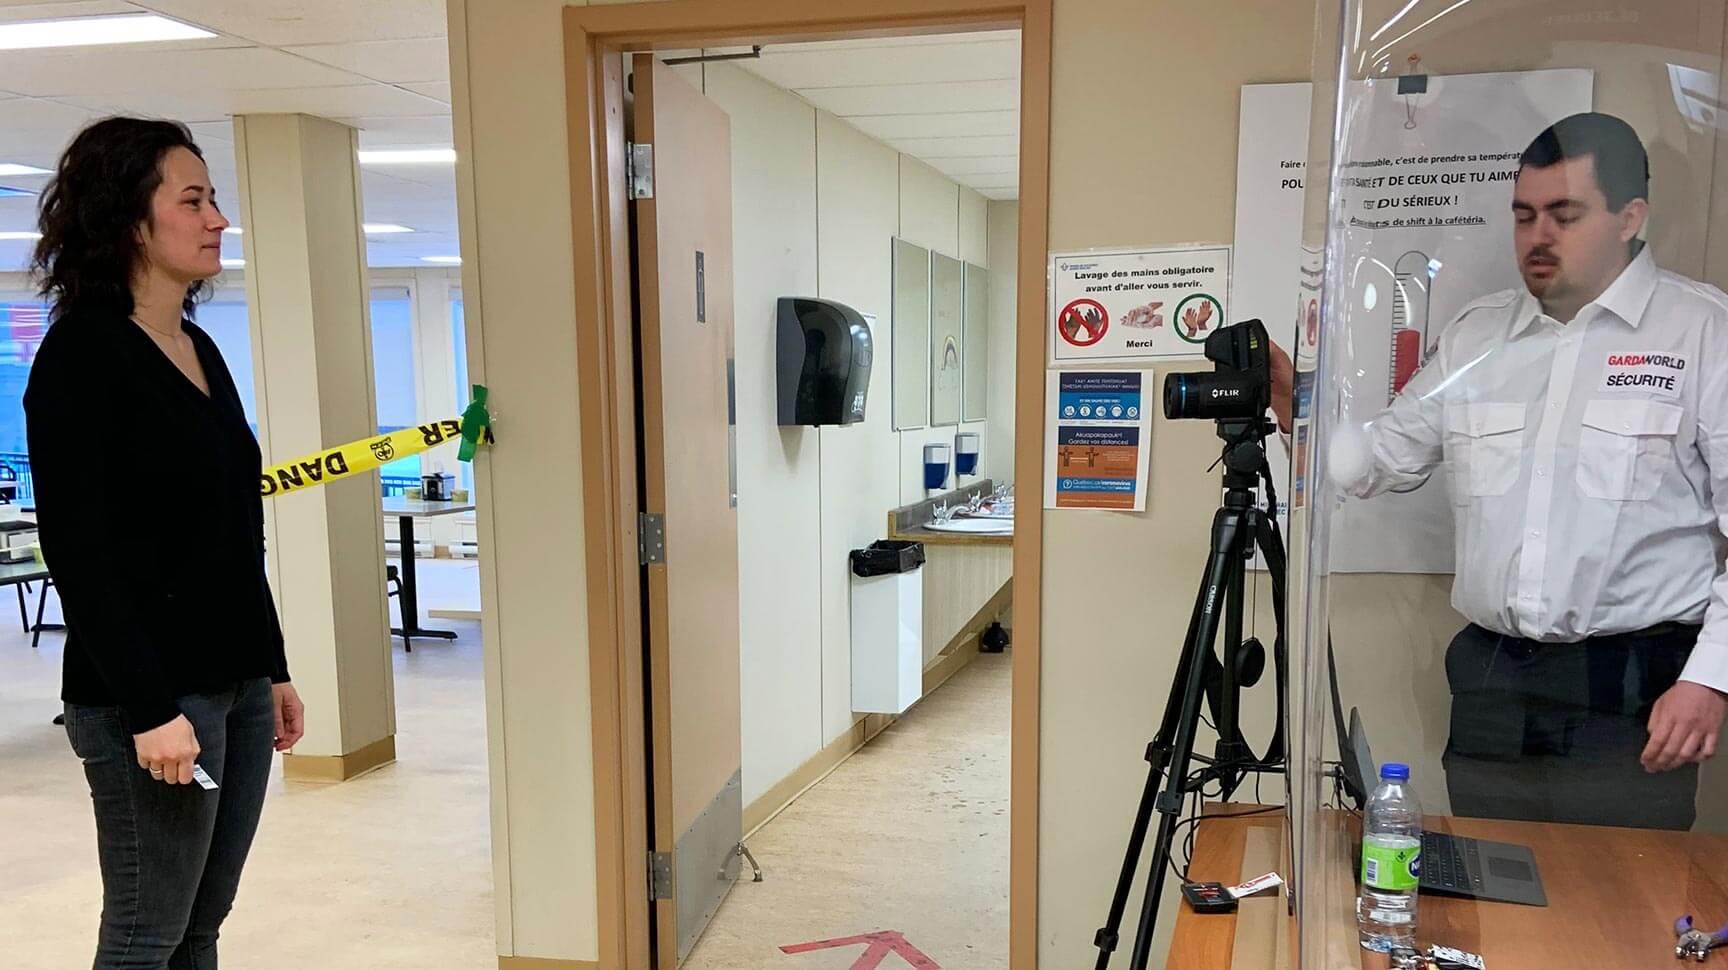 Utilisation d'une caméra thermique pour prendre la température desemployés.